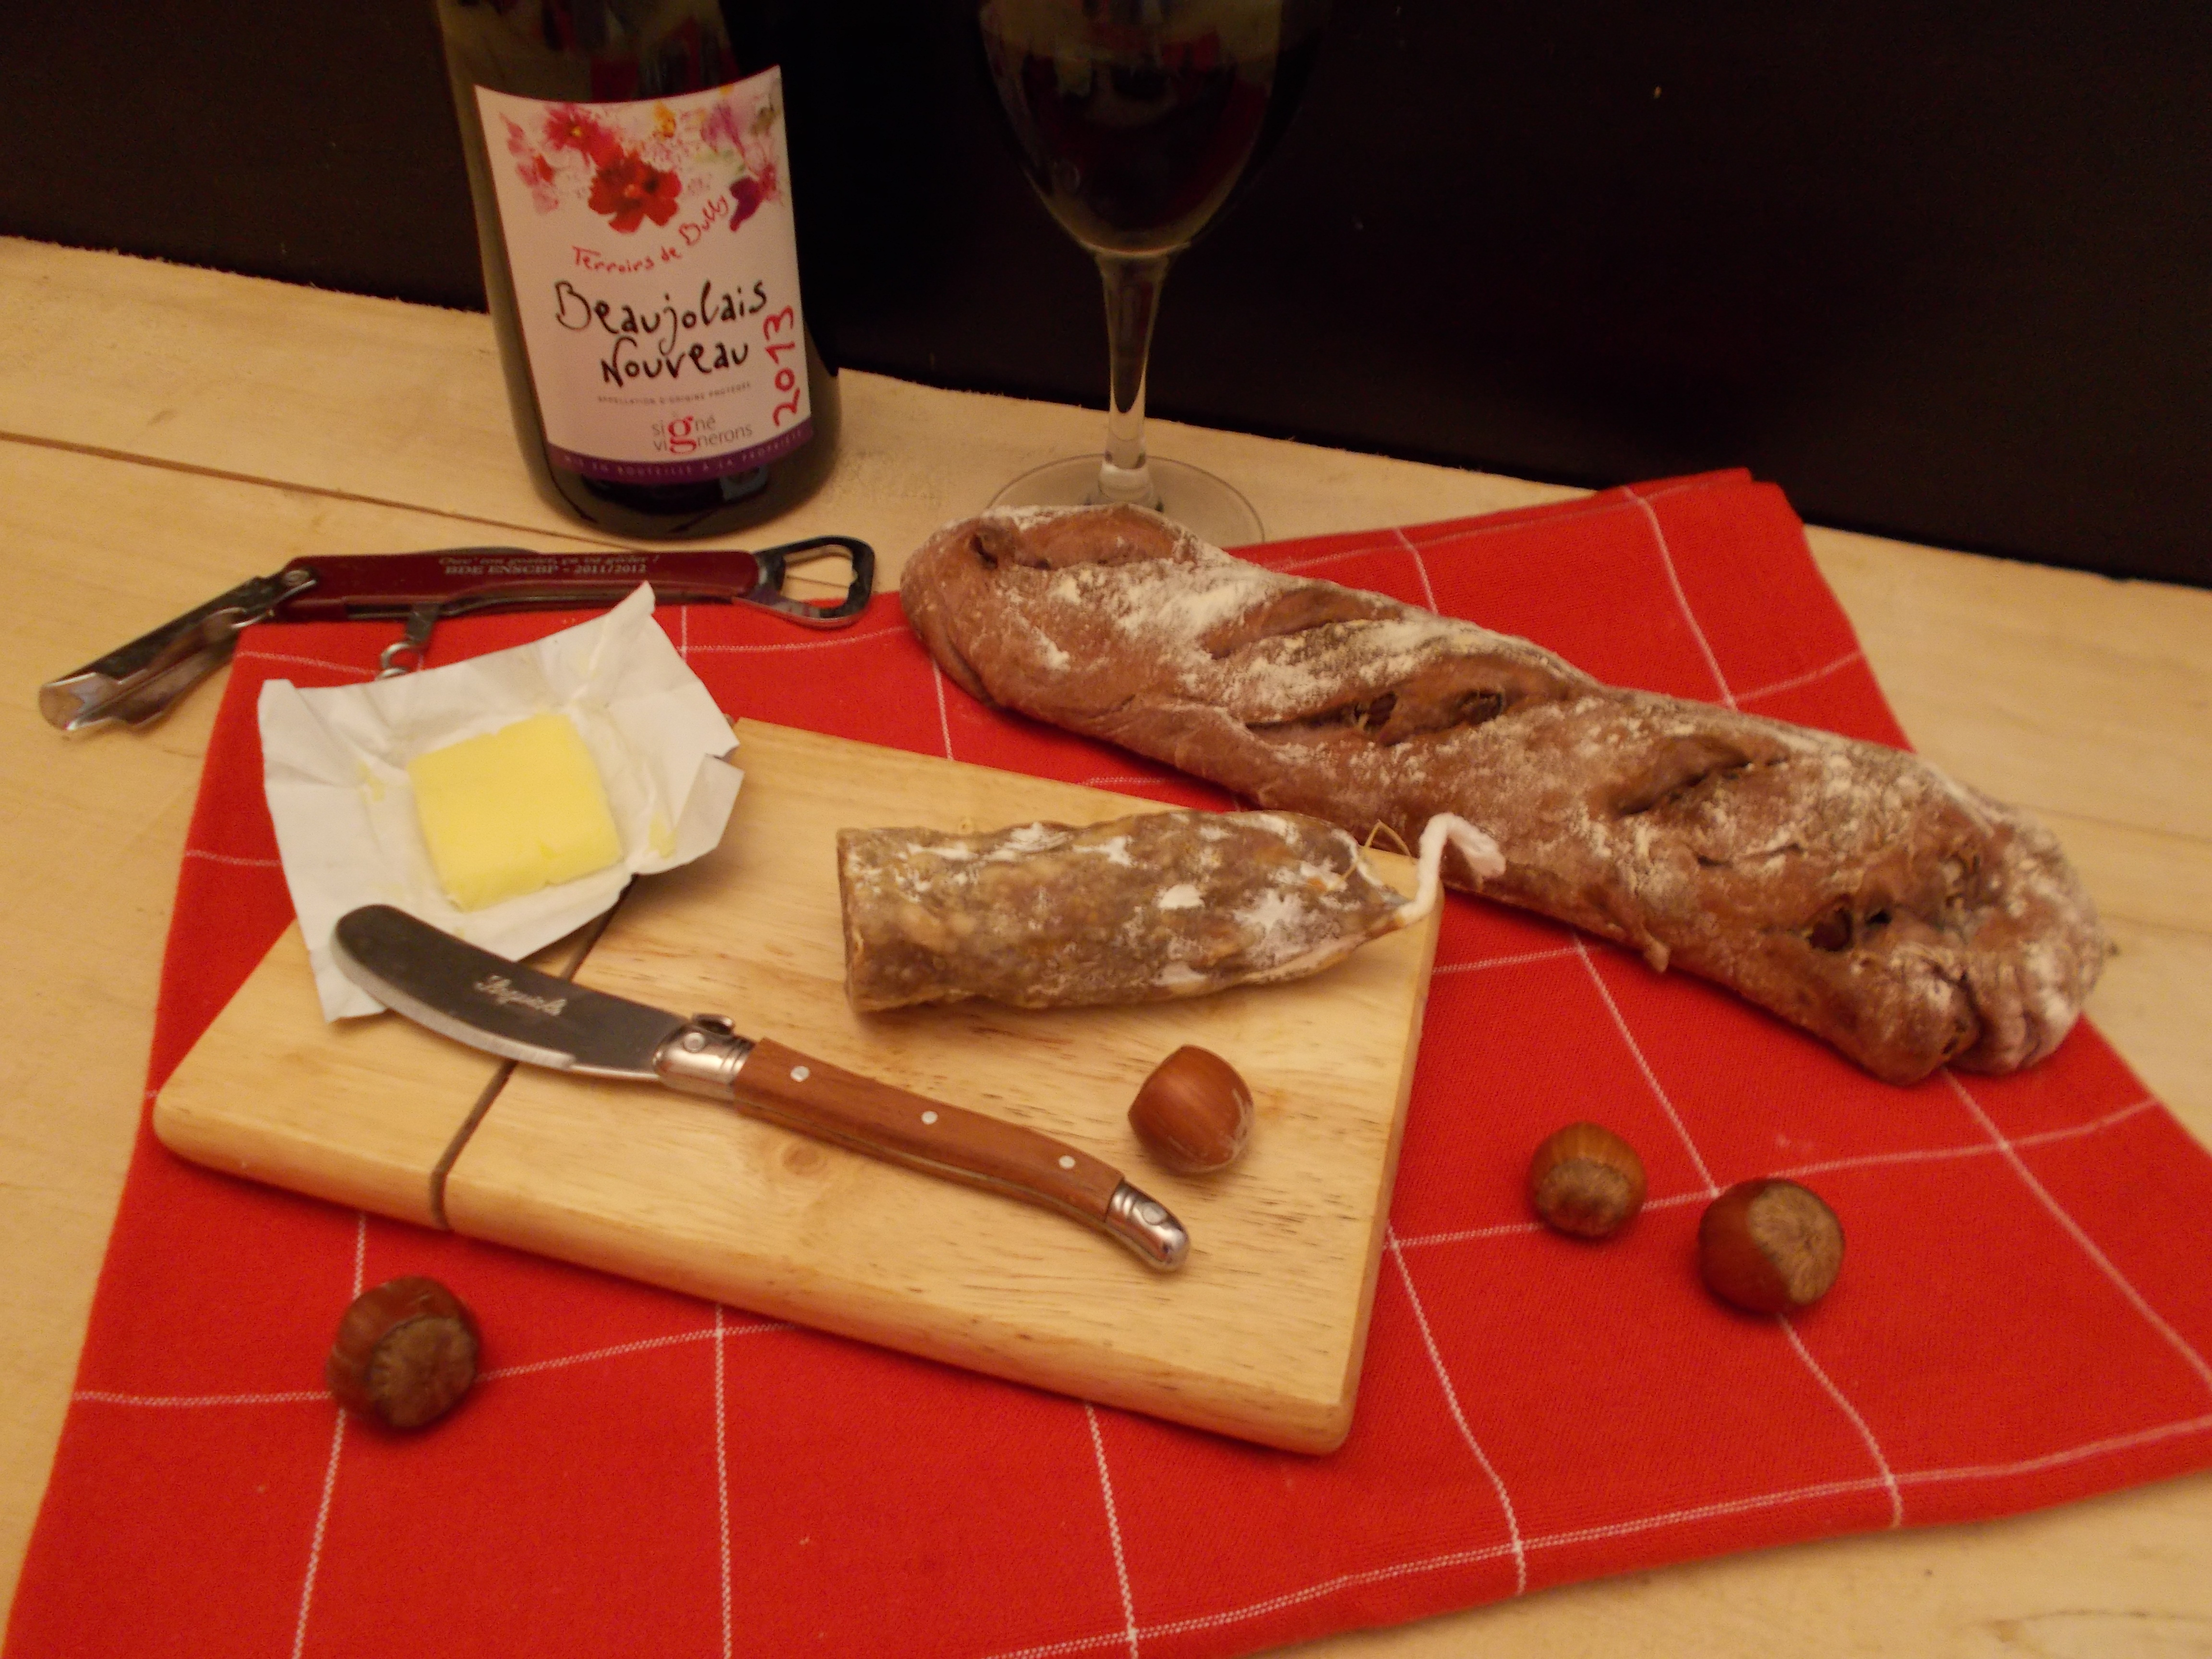 Baguette saucisson et vin rouge